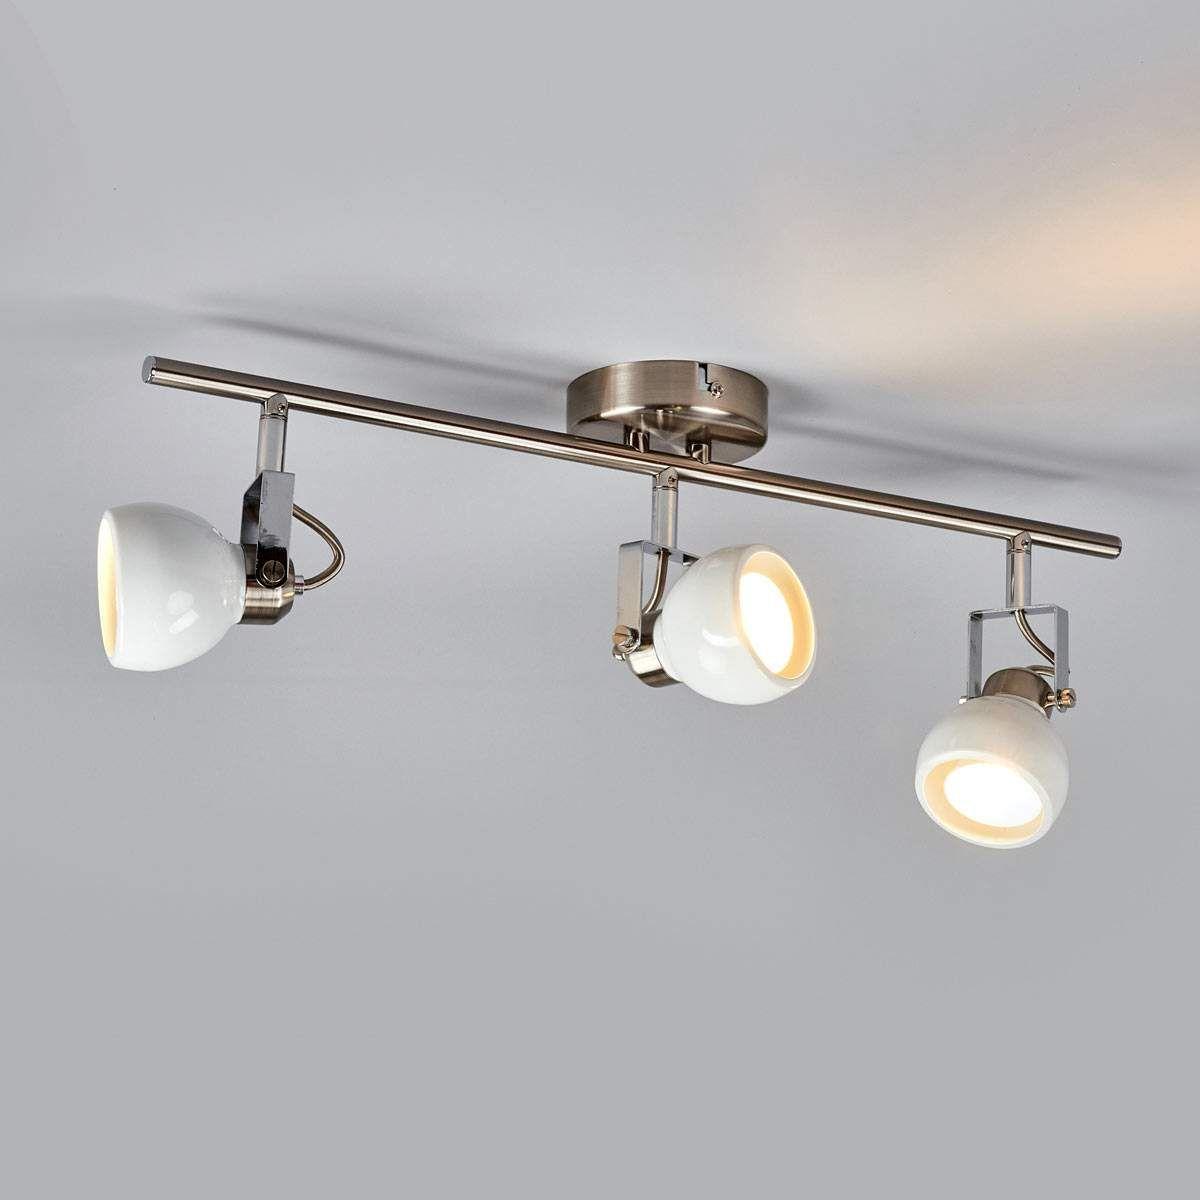 Deckenstrahler Nima 3 Flammig Von Lampenwelt Com Deckenstrahler Strahler Beleuchtung Decke